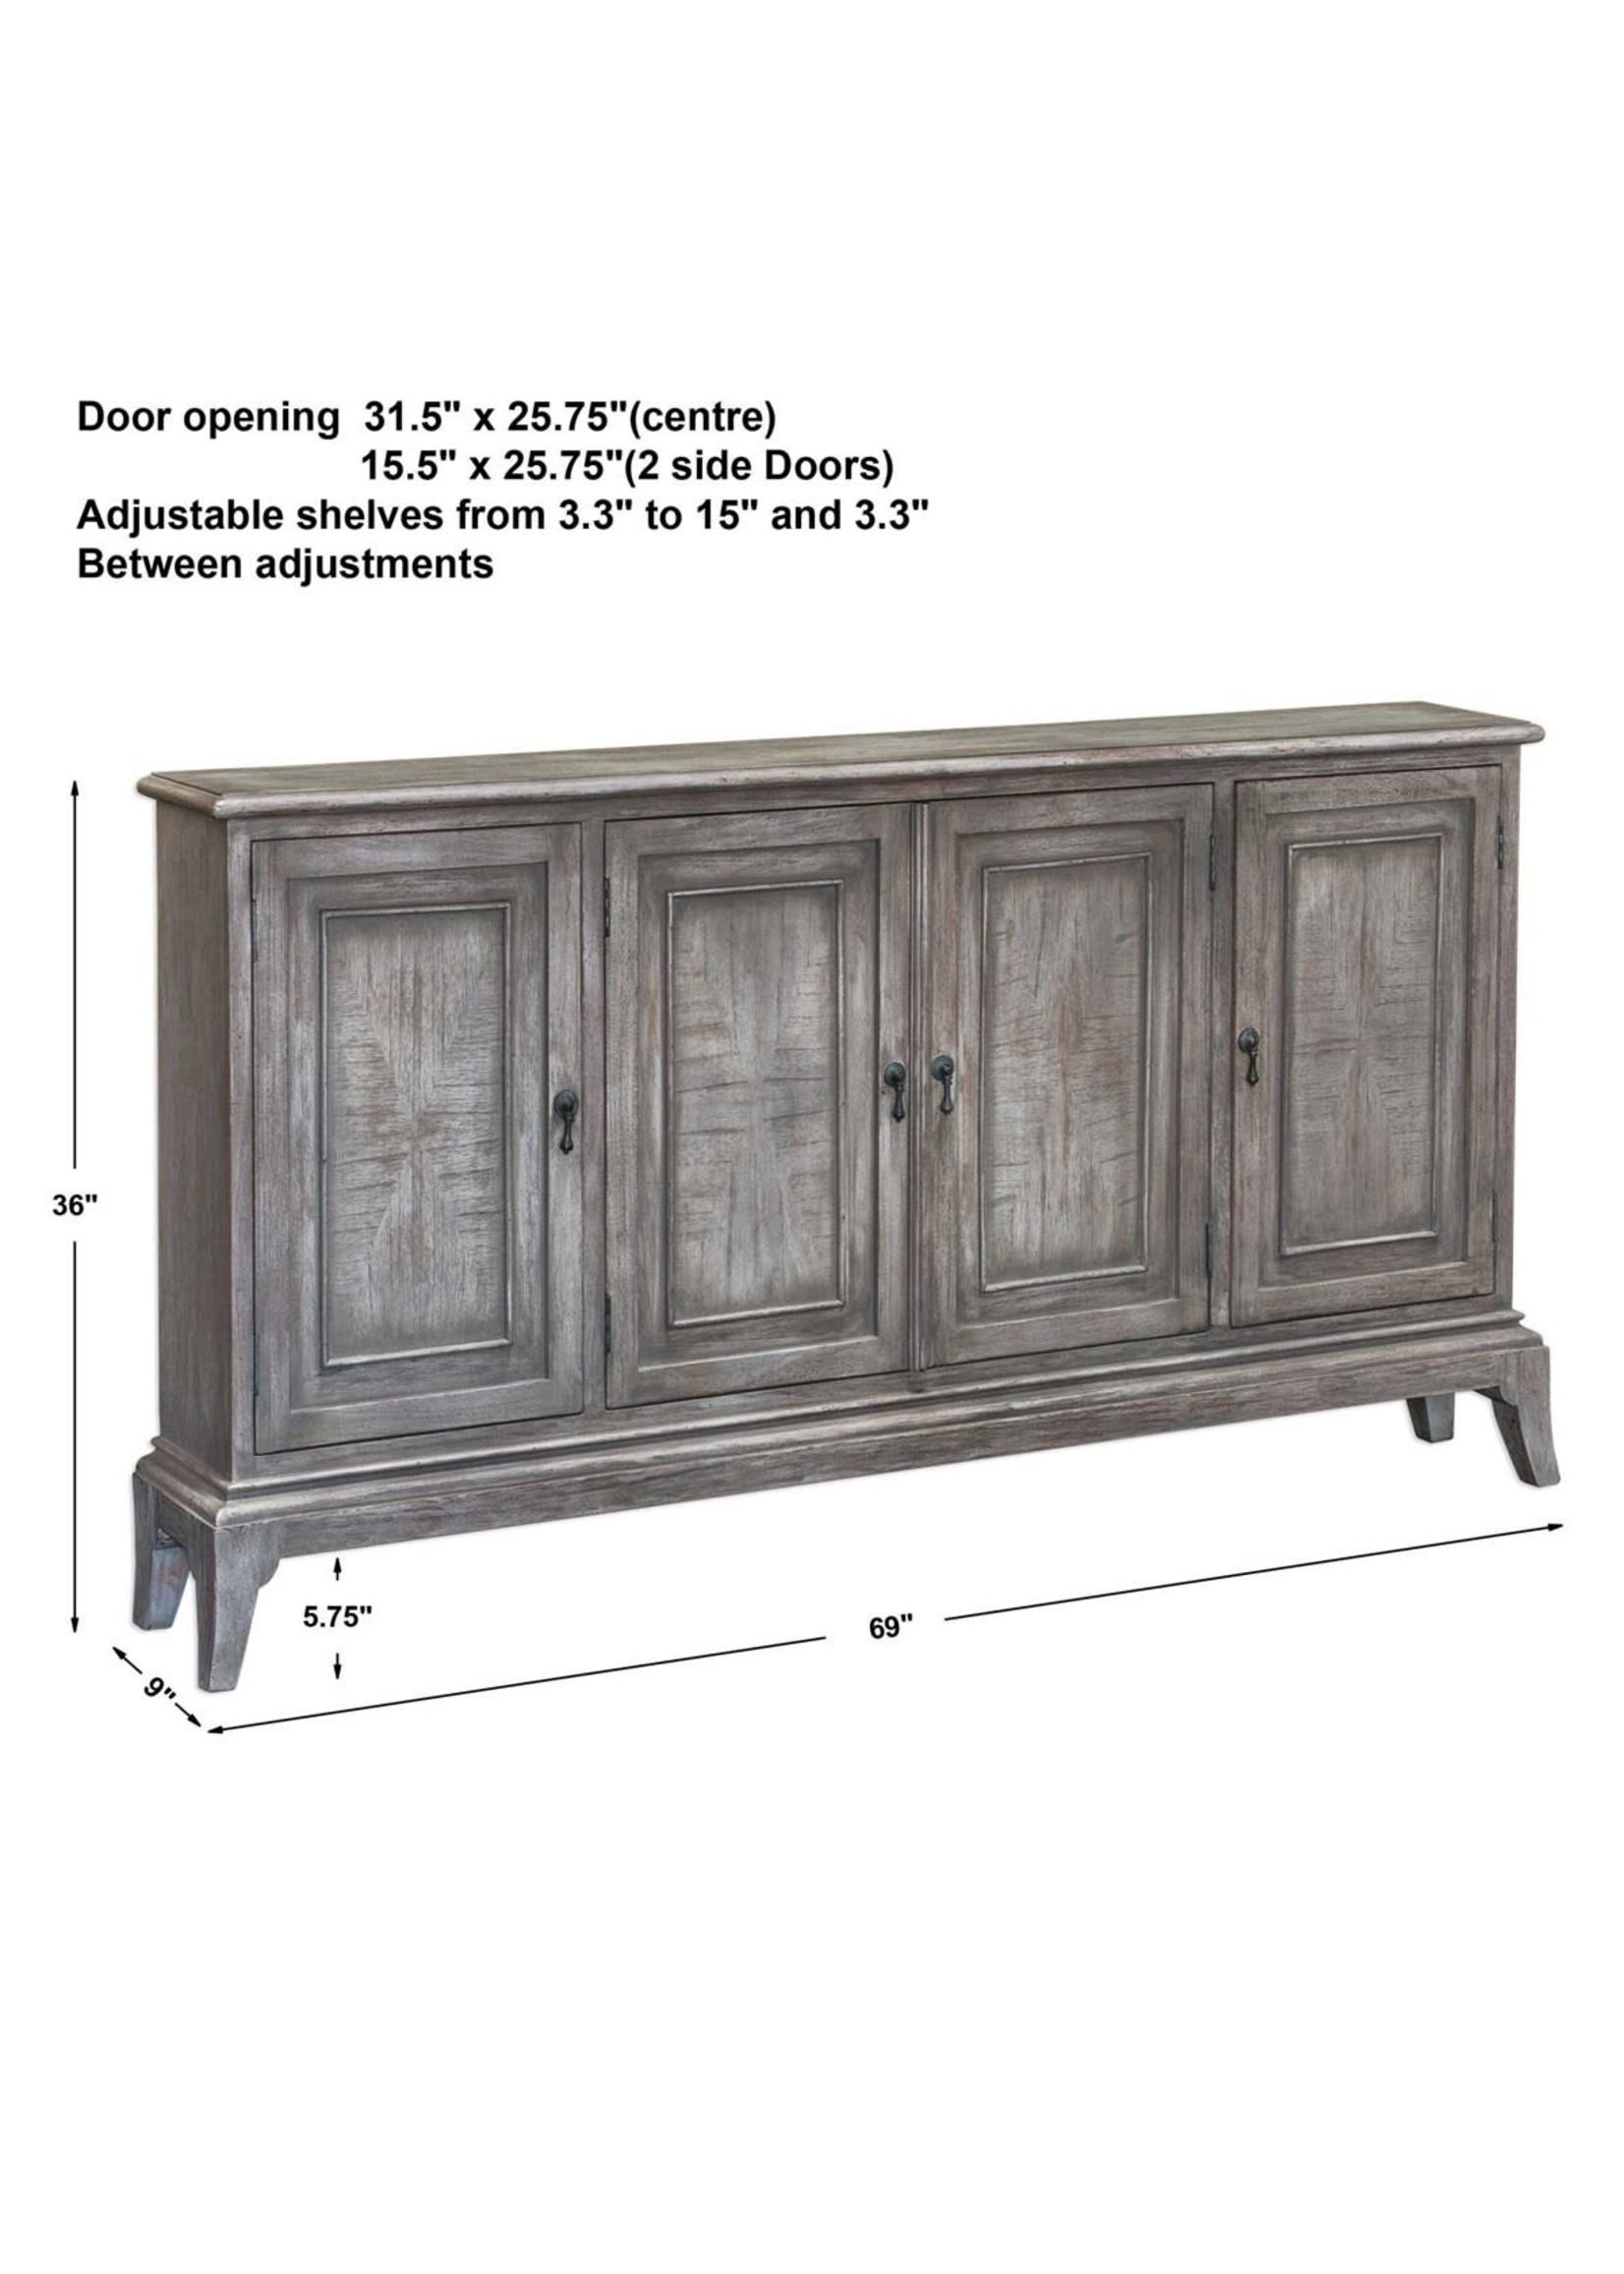 NYLE 4 DOOR CABINET